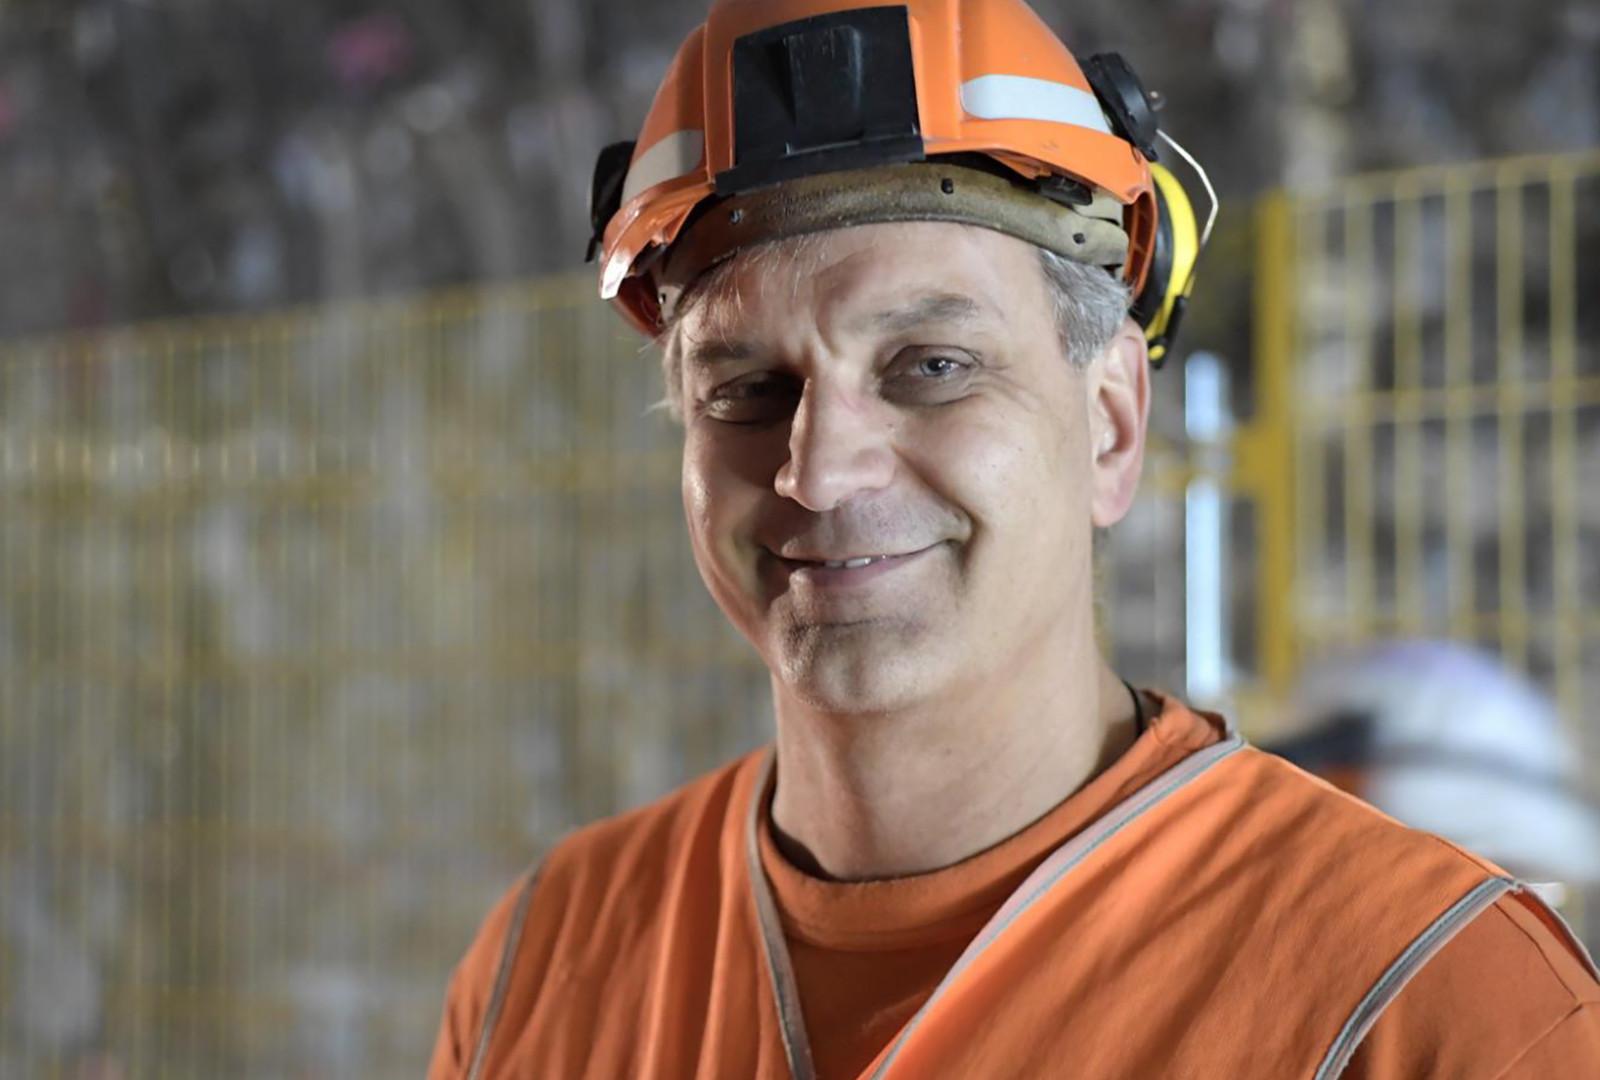 Marco Galli, Projektverantwortlicher der F. Preisig AG und Chefbauleiter